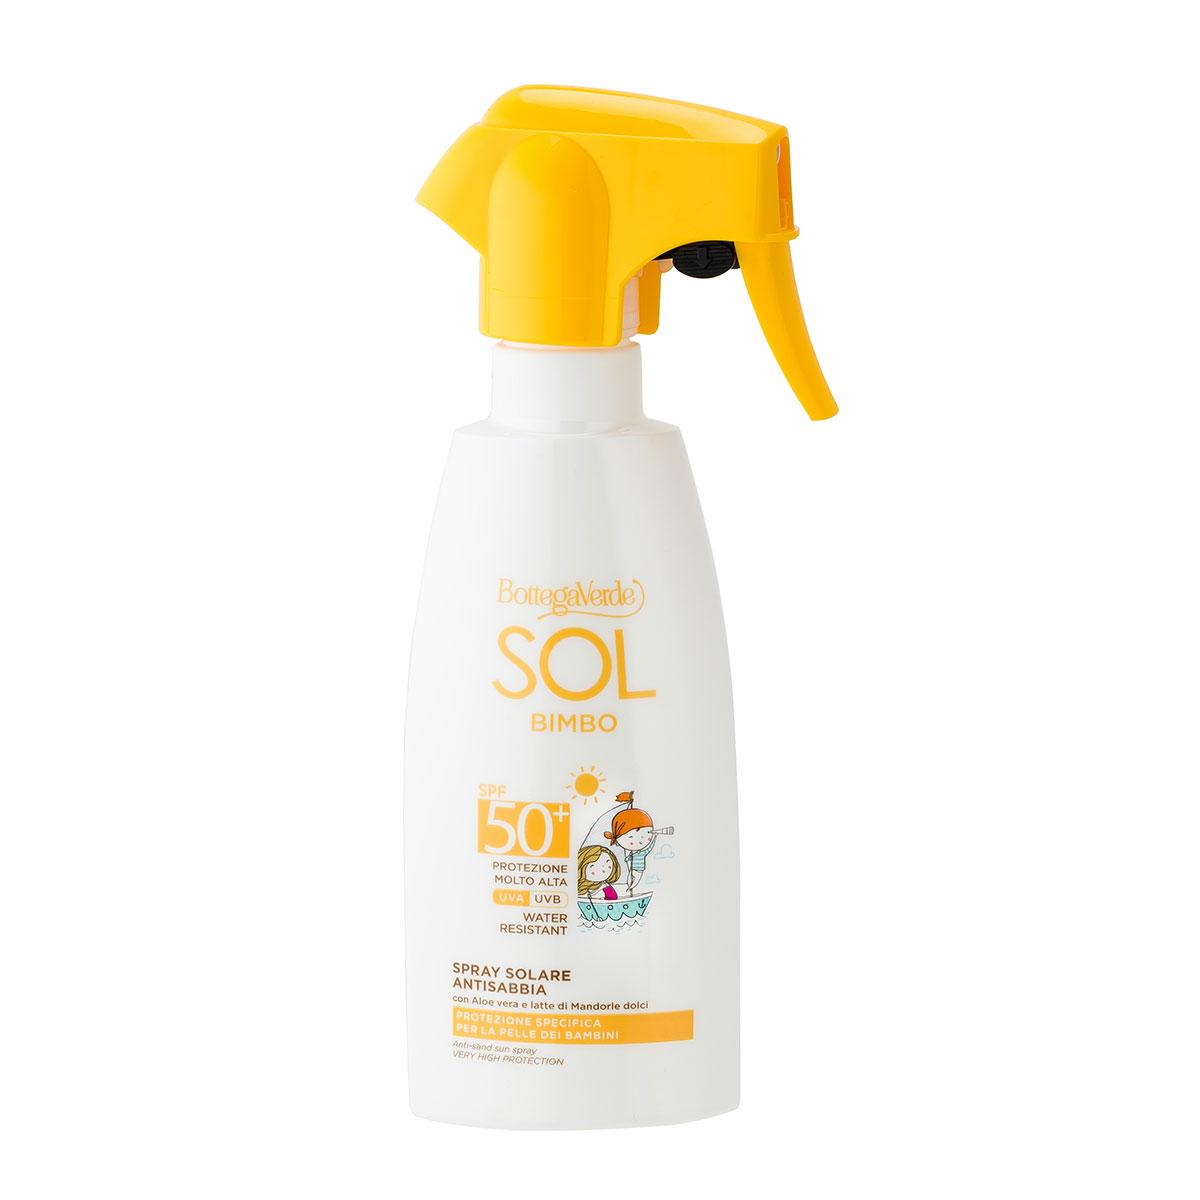 Protectie solara copii, rezistent la apa, cu extract de Aloe Vera si lapte de migdale dulci, SPF 50+ imagine